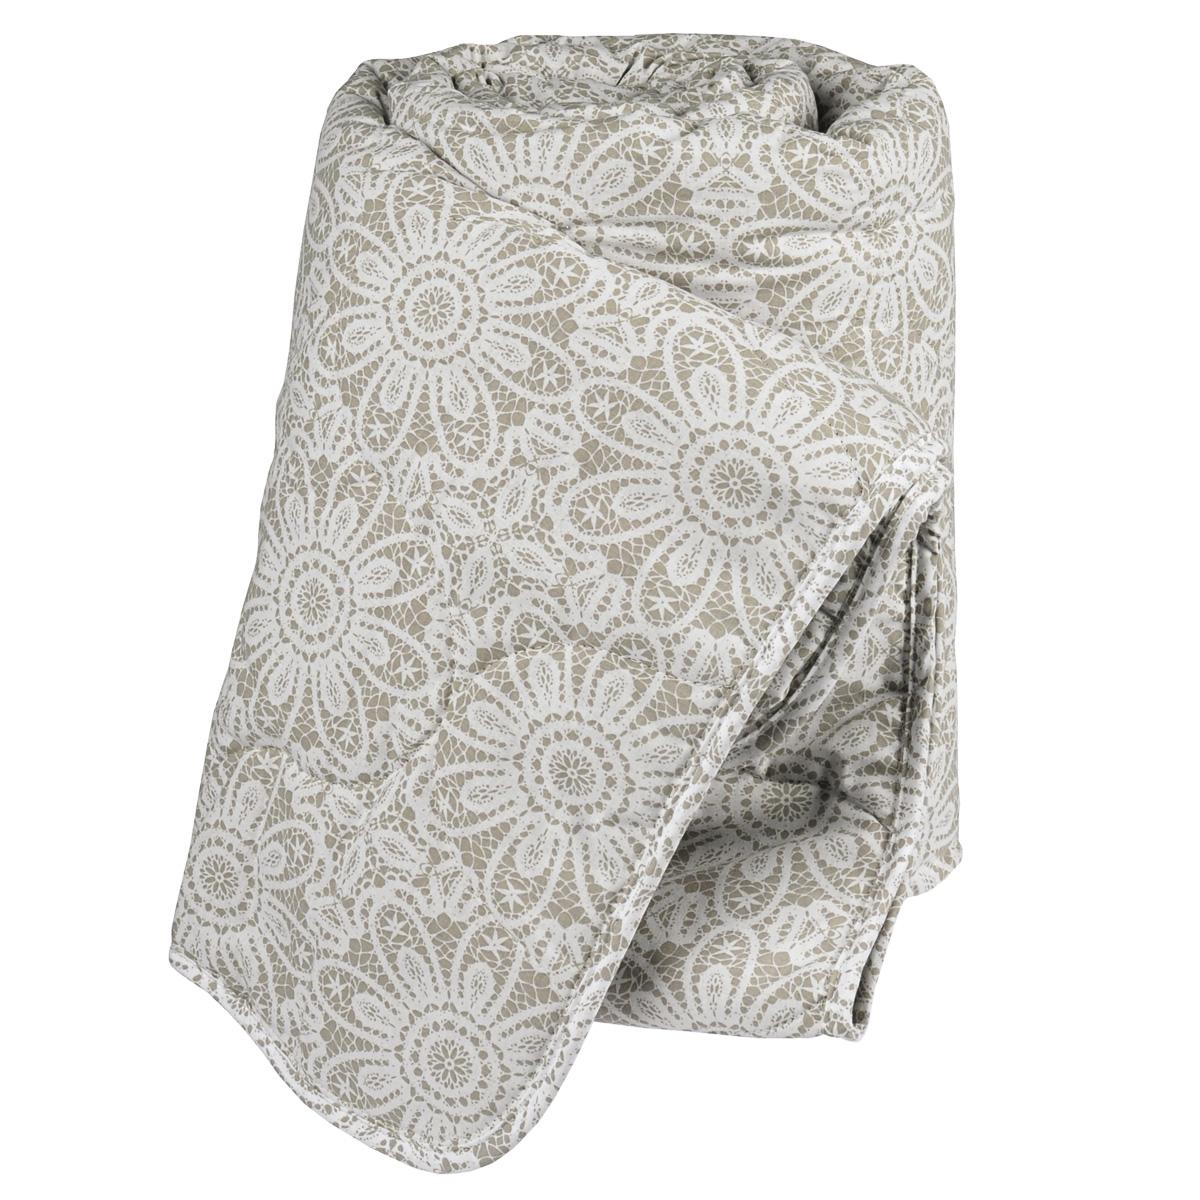 Одеяло Green Line Лен, наполнитель: льняное волокно, 140 см х 205 см187855Мягкое и комфортное одеяло Green Line Лен подарит вам незабываемое чувство уюта и умиротворения. Чехол выполнен из чистого хлопка. Одеяло поможет создать максимально удобные и благоприятные условия для сладкого сна. Преимущества льняного наполнителя: - имеет эффект активного дыхания, - природный антисептик, - холодит в жару и согревает в холод. Лен полезен для здоровья, обладает положительной энергетикой. Не стирать, не гладить. Материал верха: 100% хлопок. Наполнитель: 90% льняное волокно, 10% полиэстер. Масса наполнителя: 300 г/м2.